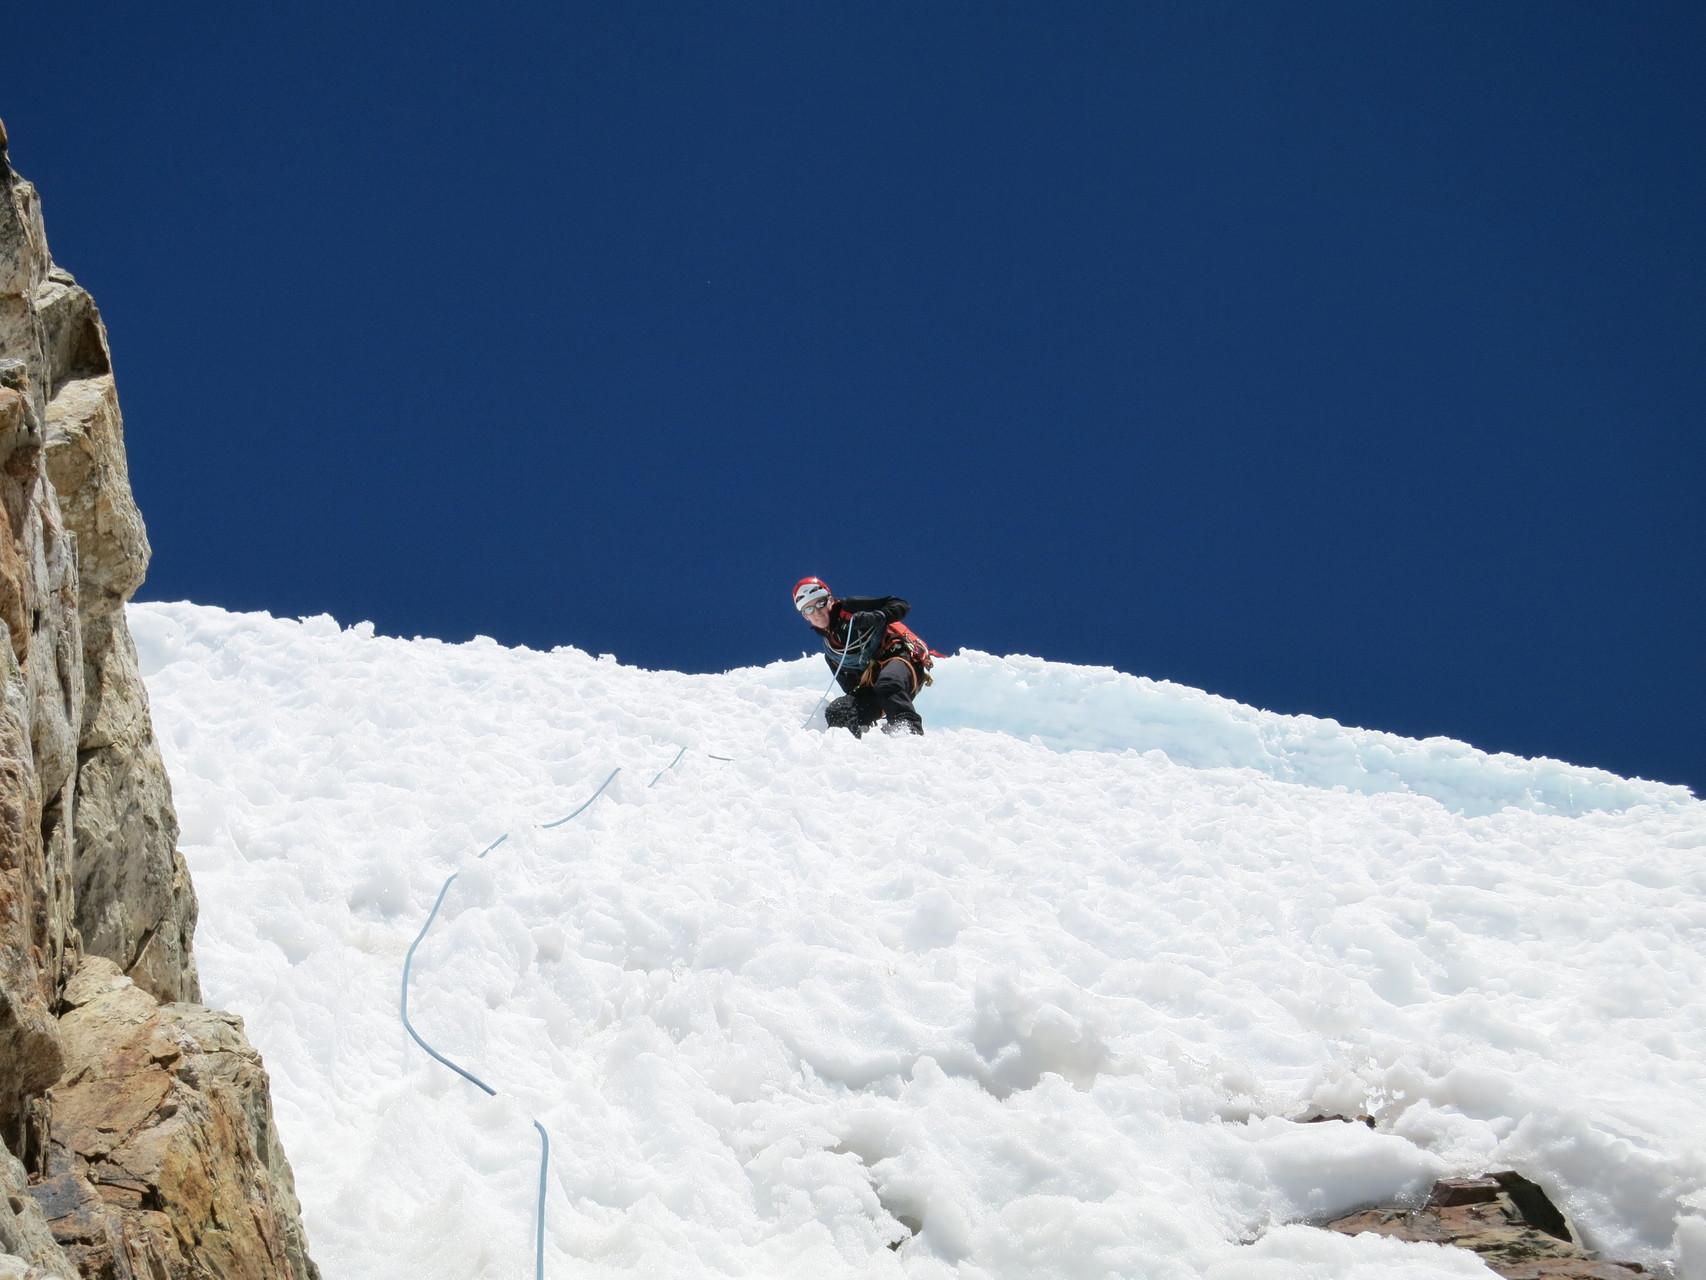 Auf dem Abstieg durchs Gipfelfirnfeld